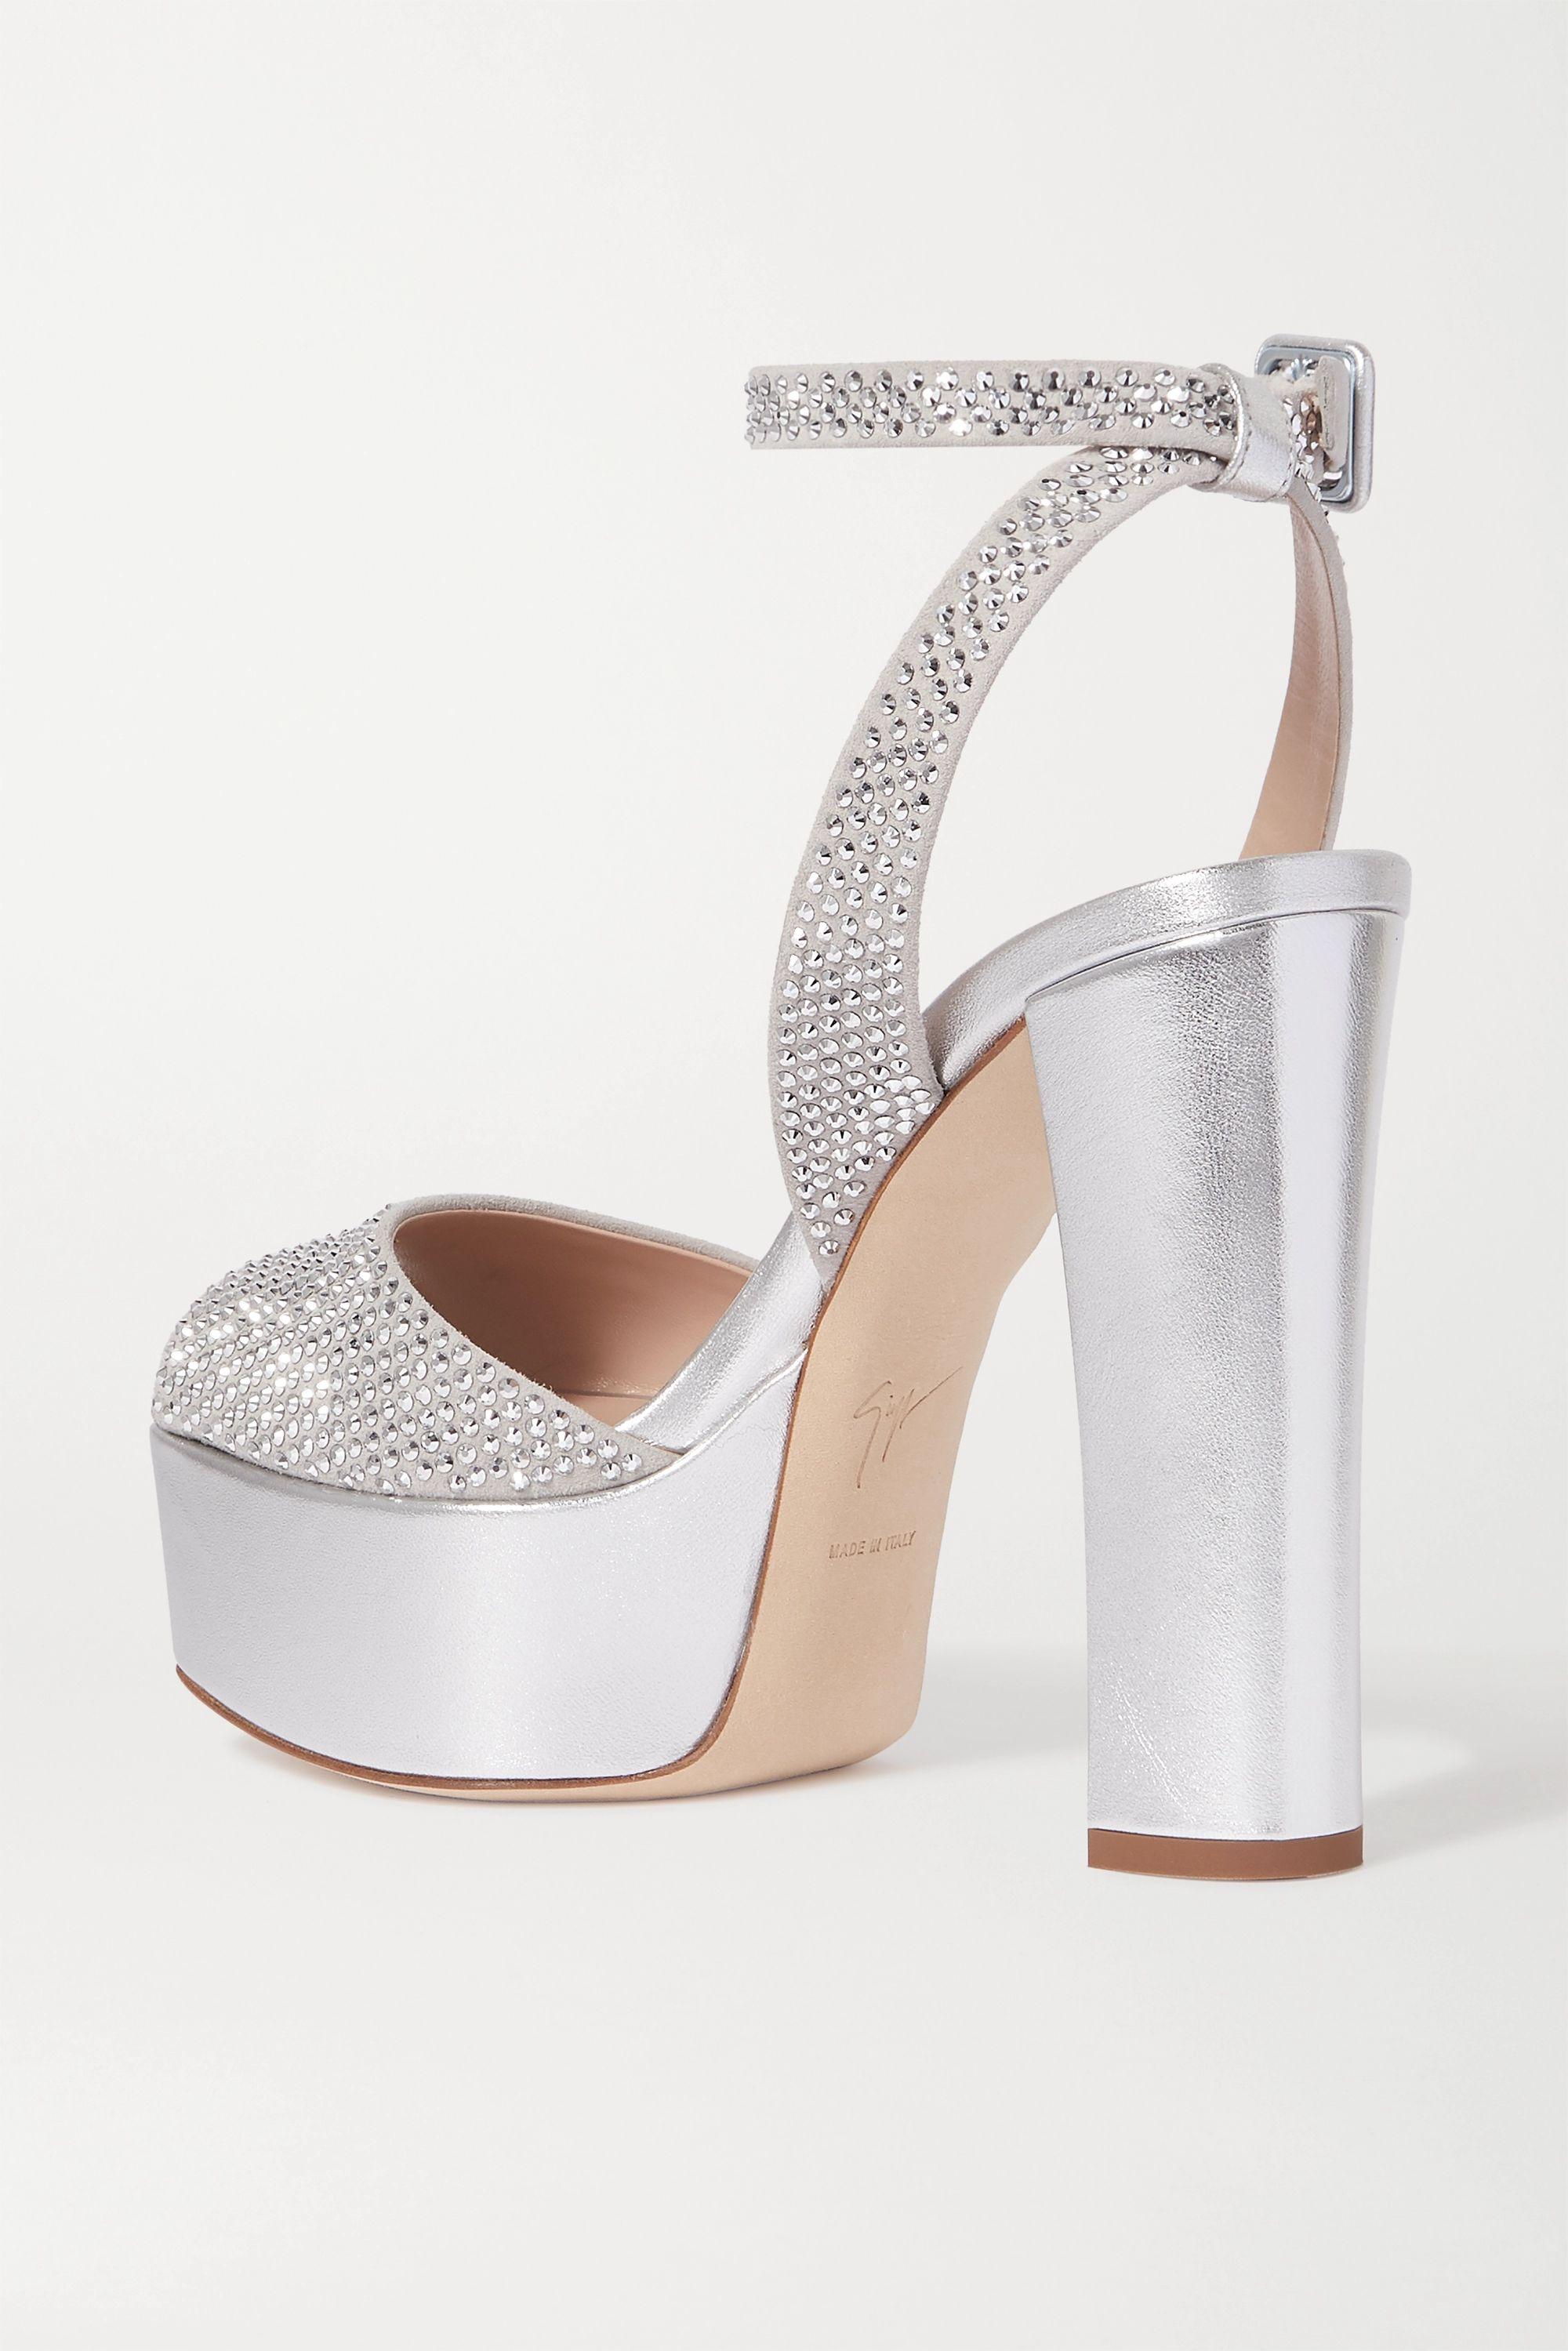 Giuseppe Zanotti Lavina crystal-embellished metallic leather platform sandals